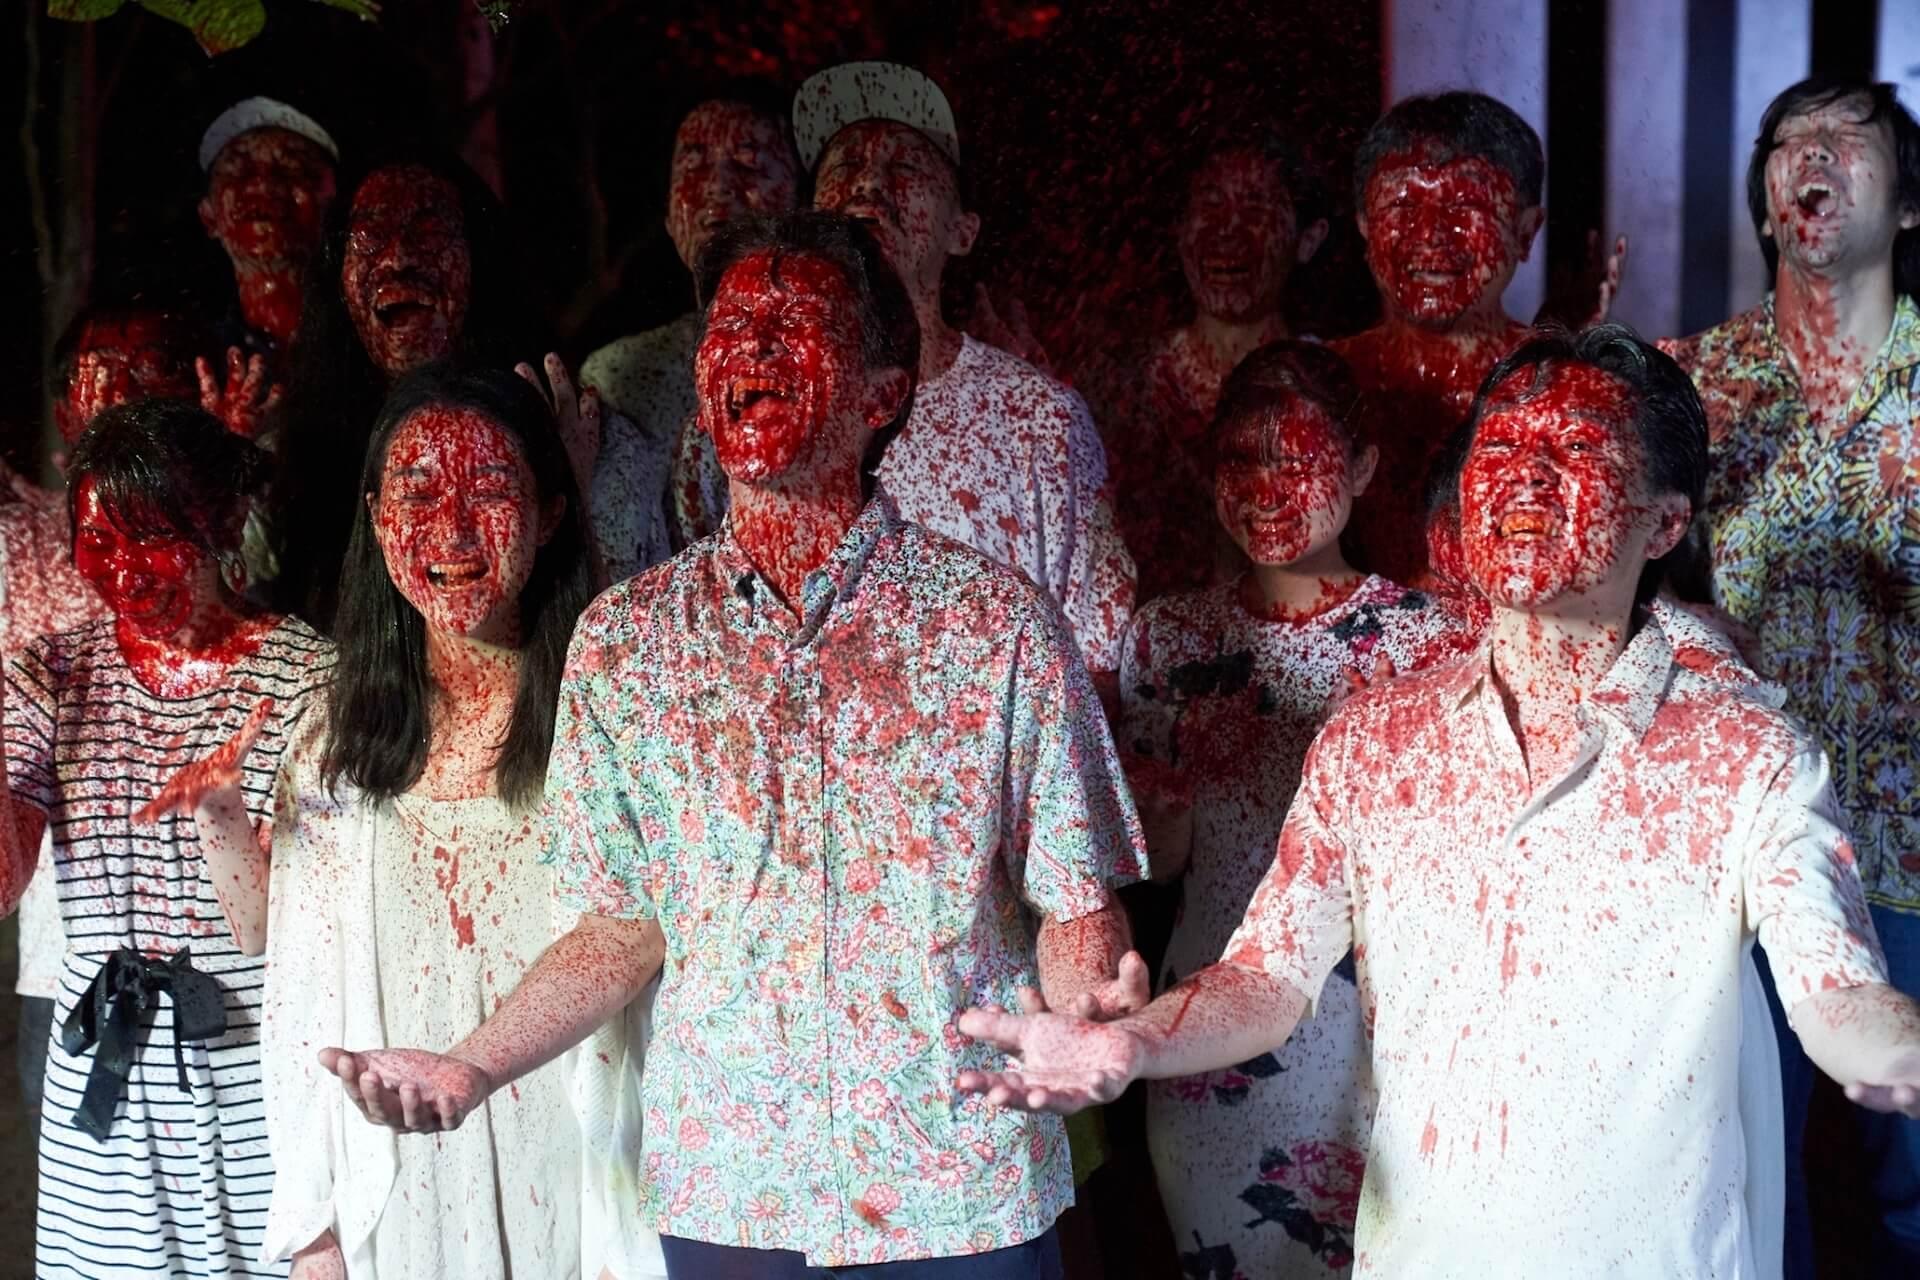 観たら、キマる!『脳天パラダイス』の超刺激的な場面写真が解禁&ローザンヌ映画祭への出品も決定 film200908_noutenparadise_2